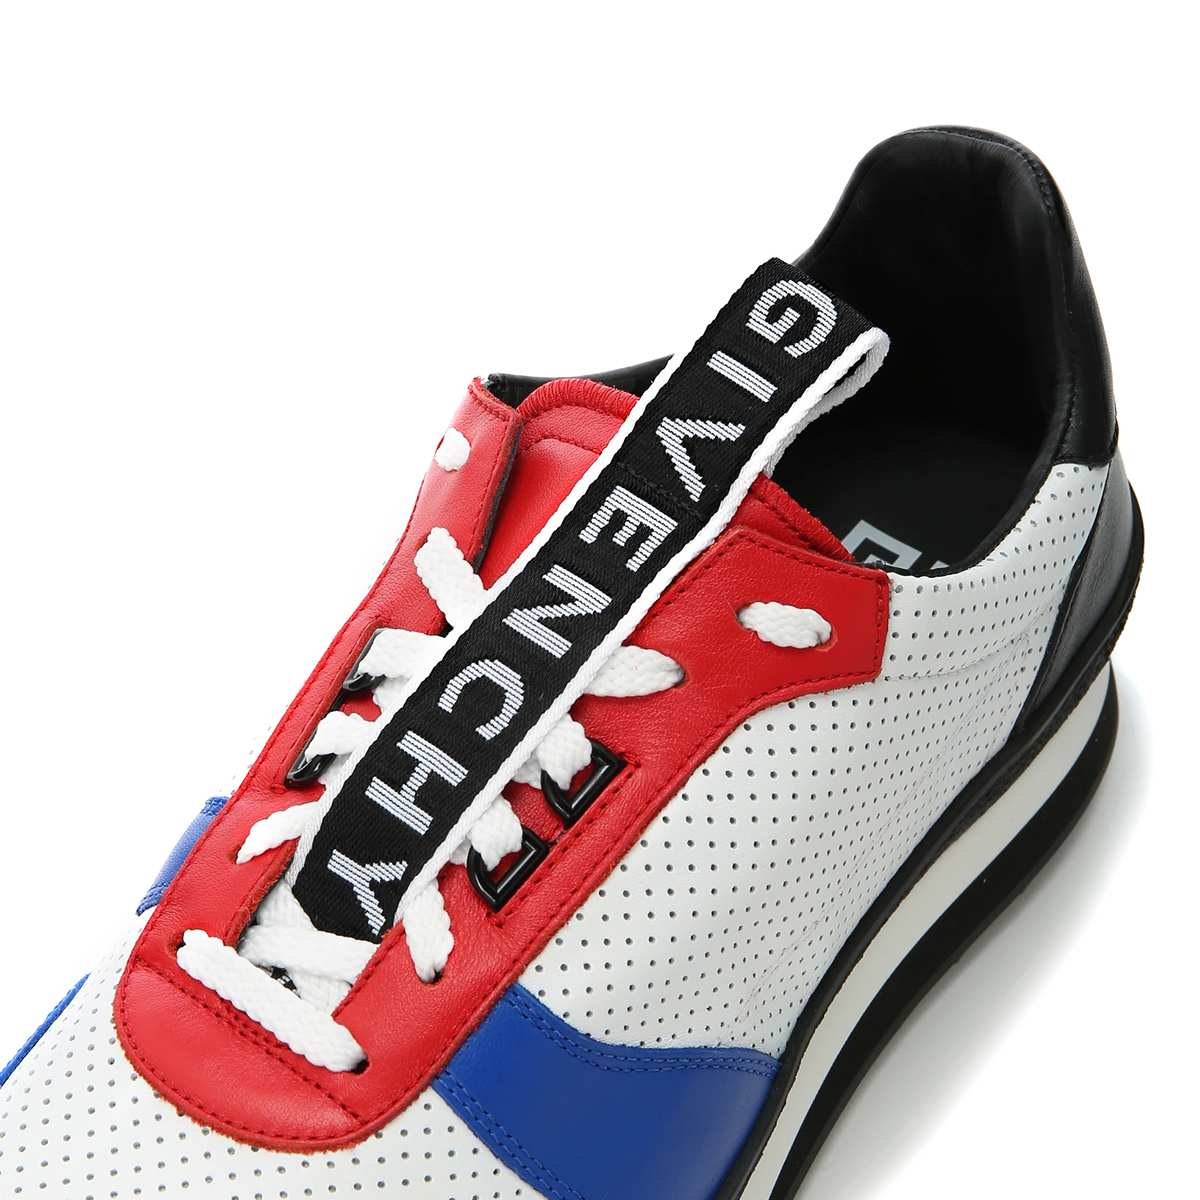 【タイムセール SHOS】GIVENCHY ジバンシー スニーカー/RUNNER SNEAKER ランナー スニーカー【大きいサイズあり】 メンズ